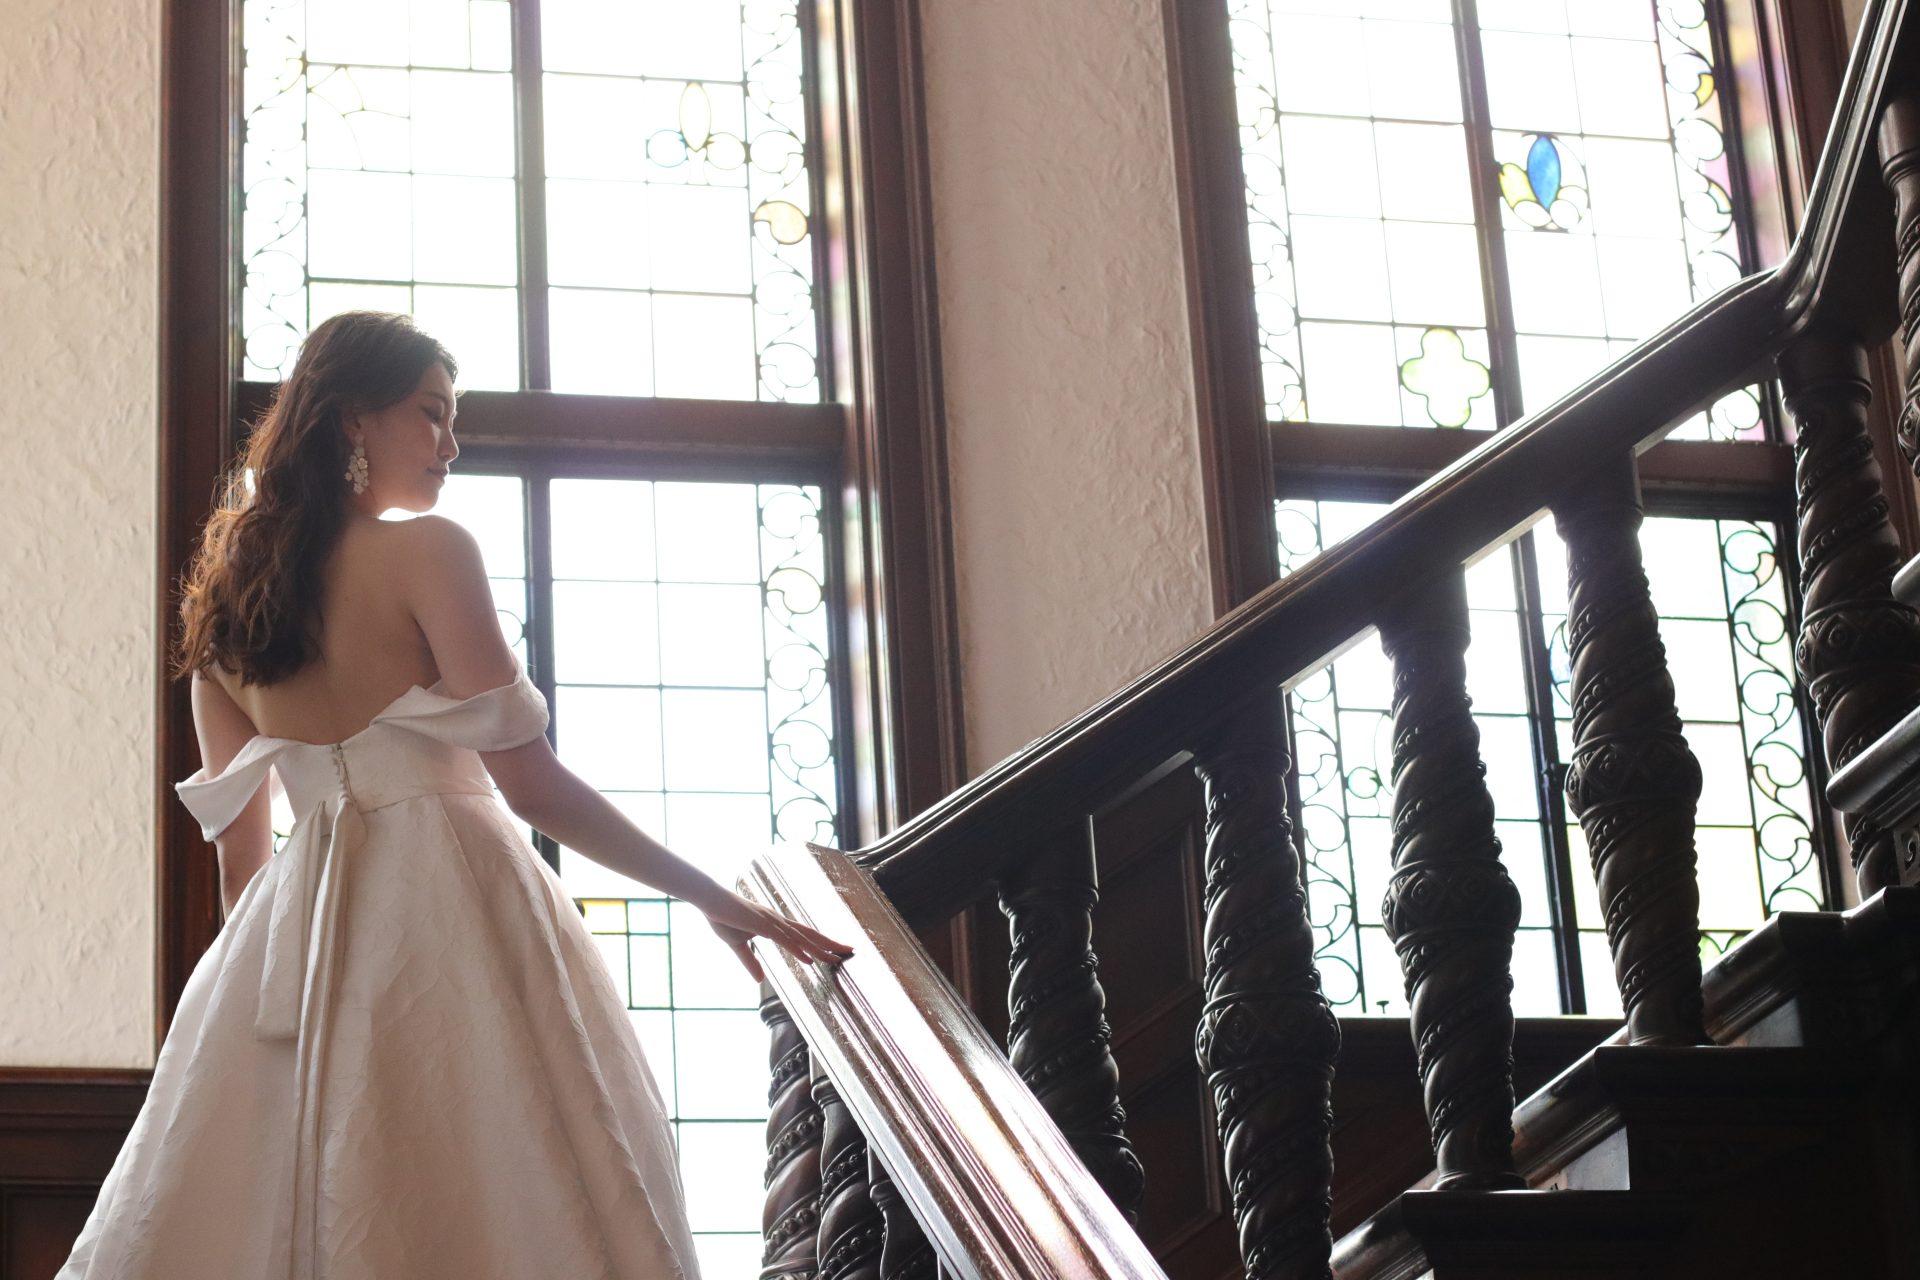 洋館のゲストハウスにもよく合う重厚感あるジャガード生地のドレスは、動く度にドラマティックな広がりを見せるため、海外映画のような結婚式をイメージされている方にお召しいただきたいお衣裳です